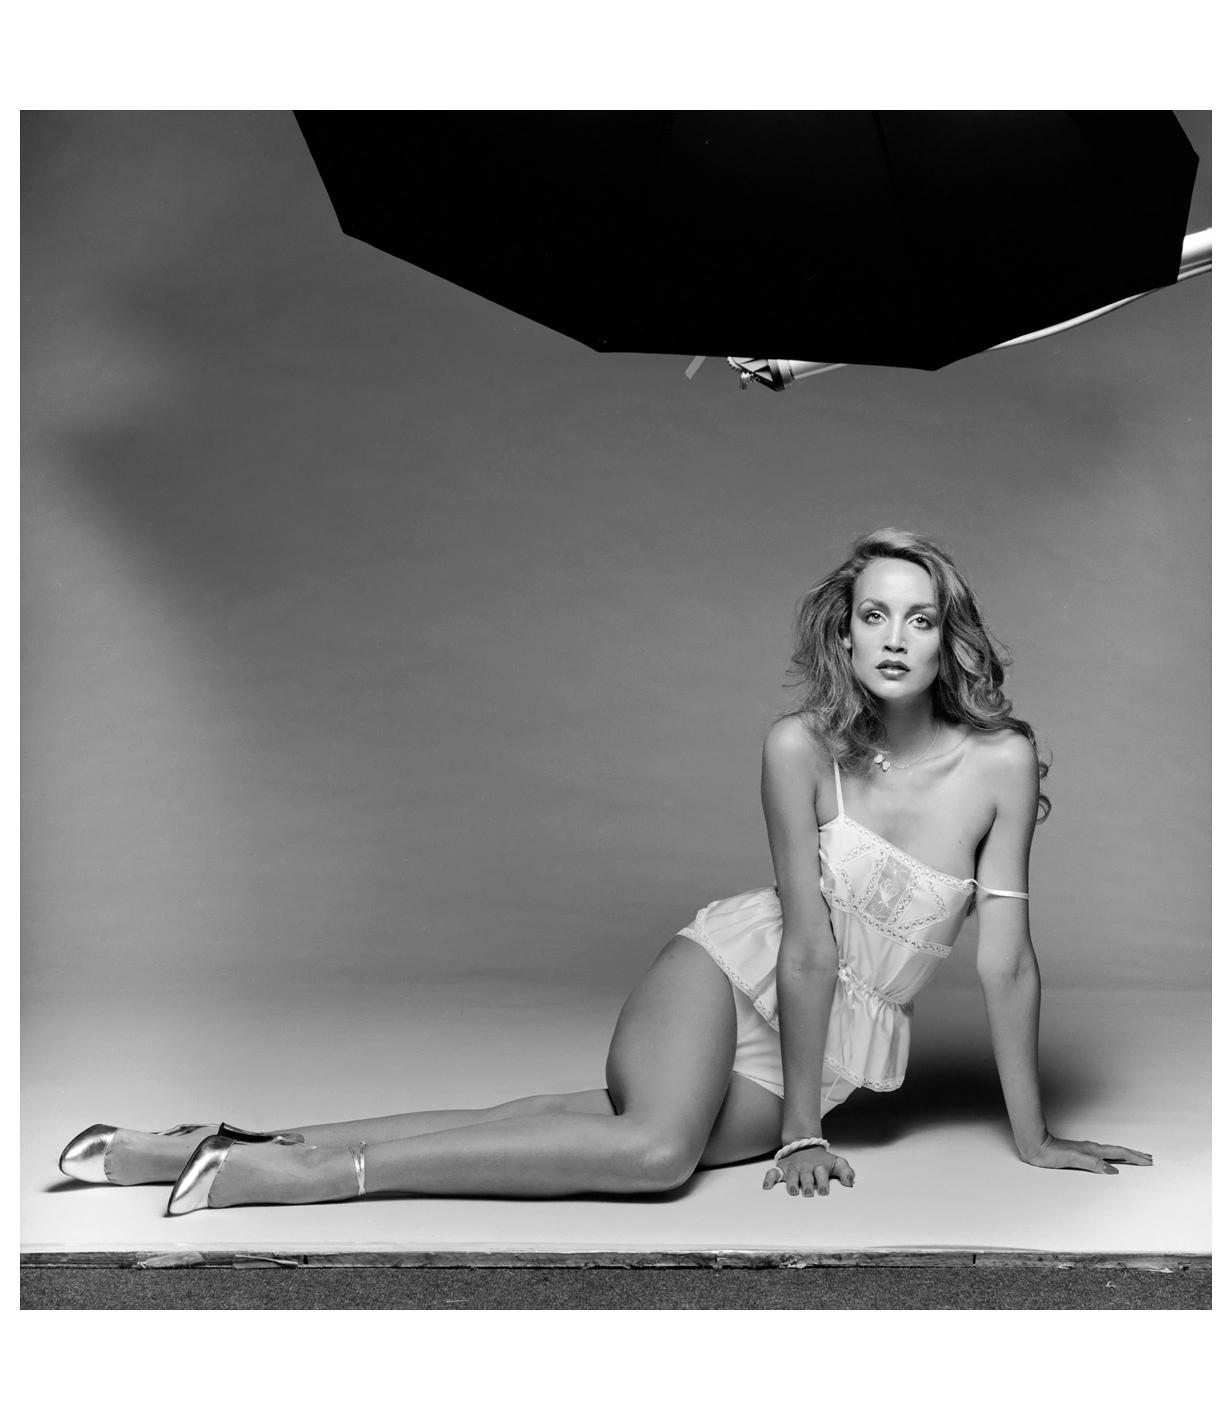 Kathryn Bernardo (b. 1996),Ashley Johnson born August 9, 1983 (age 35) Erotic gallery Dawn Lyn,Lady Lee (b. 1986)